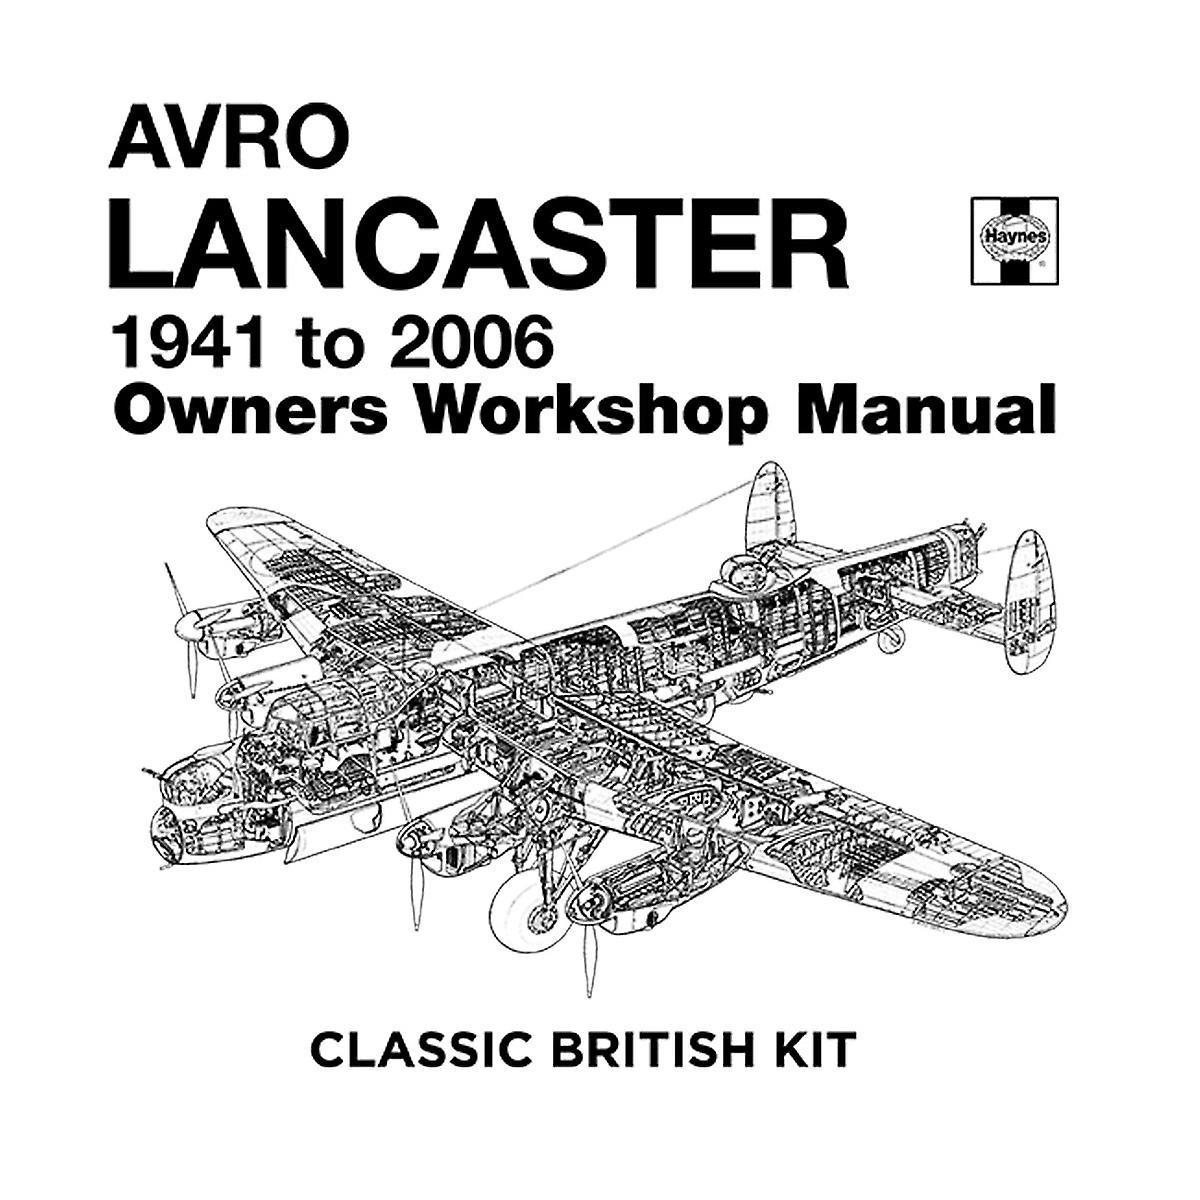 Haynes Owners Workshop Manual Arvo Lancaster 1941 to 2006